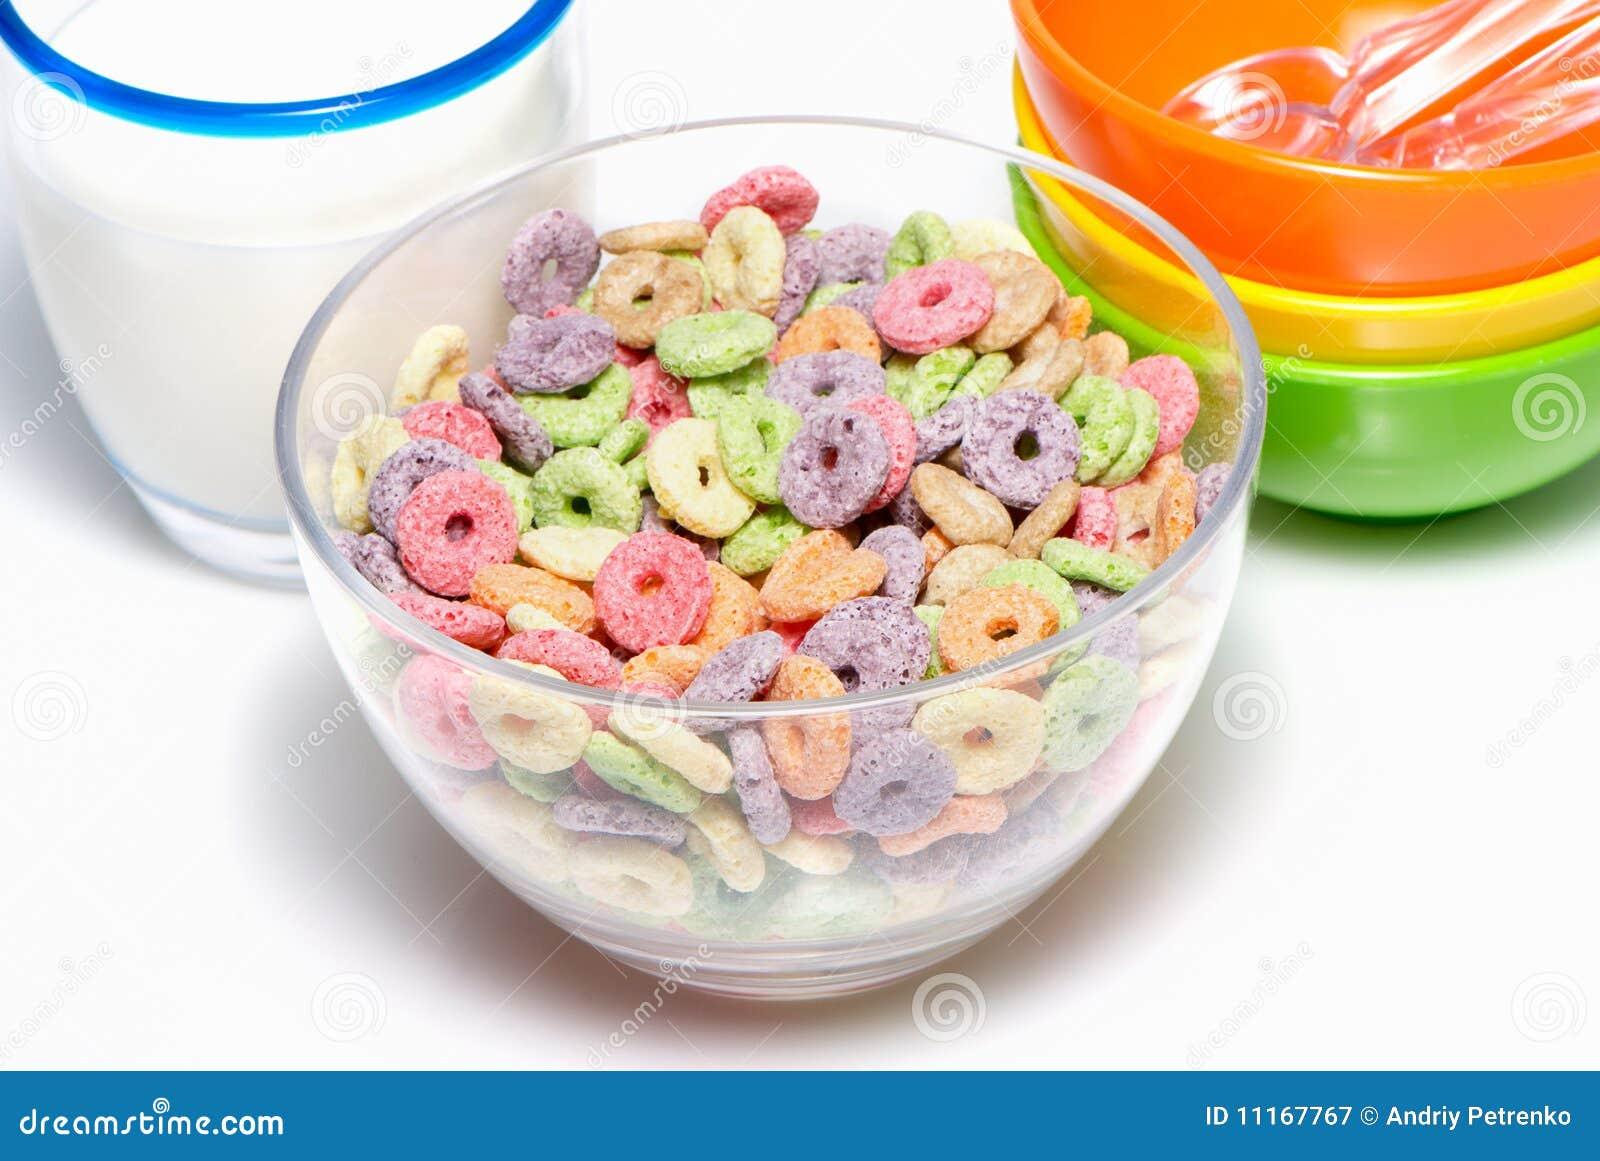 Round Crunchy Diet Food